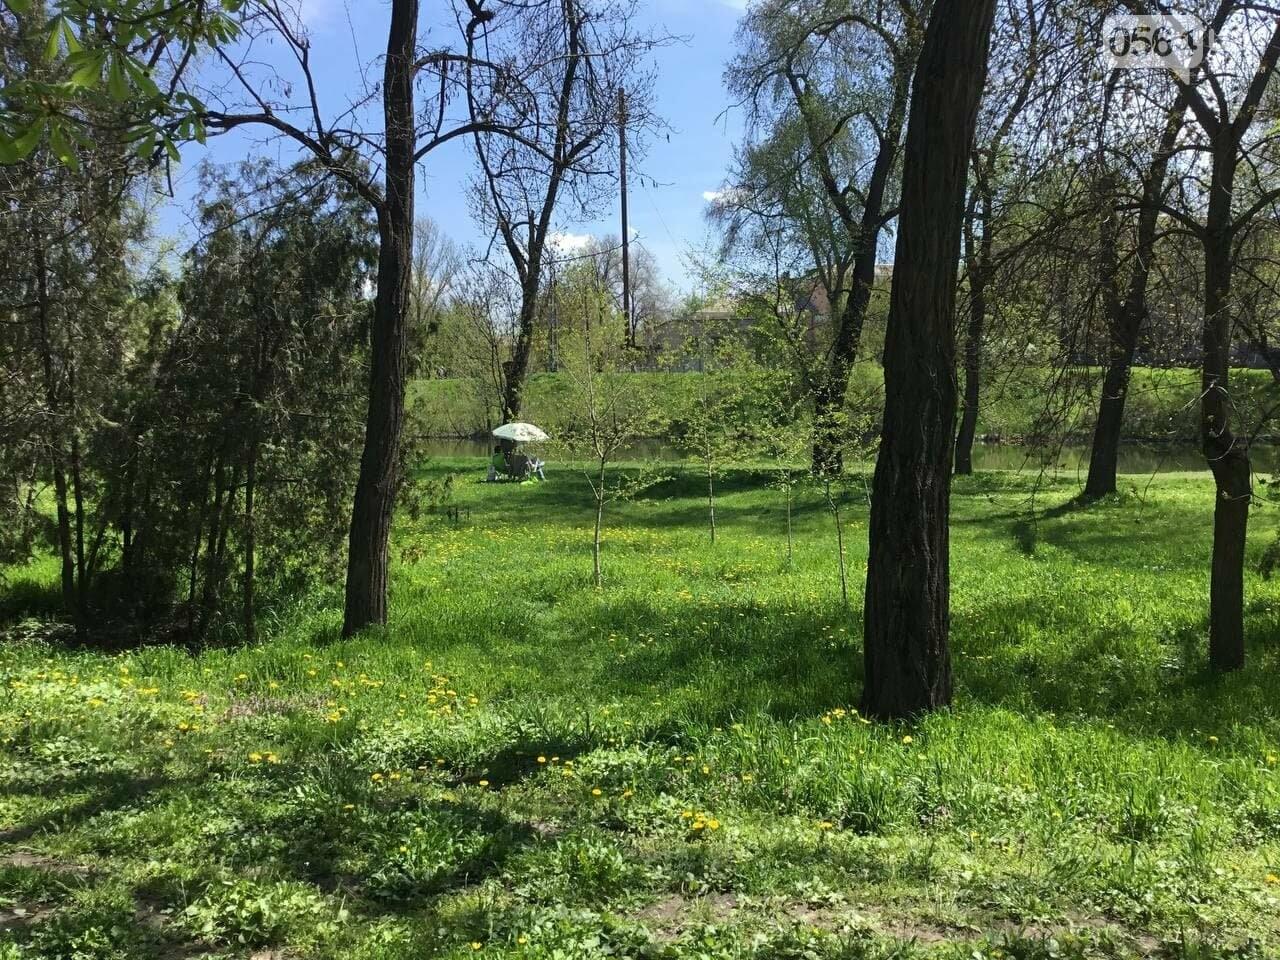 Прогулки, фотосессии, отдых на природе, - как криворожане провели первые дни мая, - ФОТО, ВИДЕО, фото-18